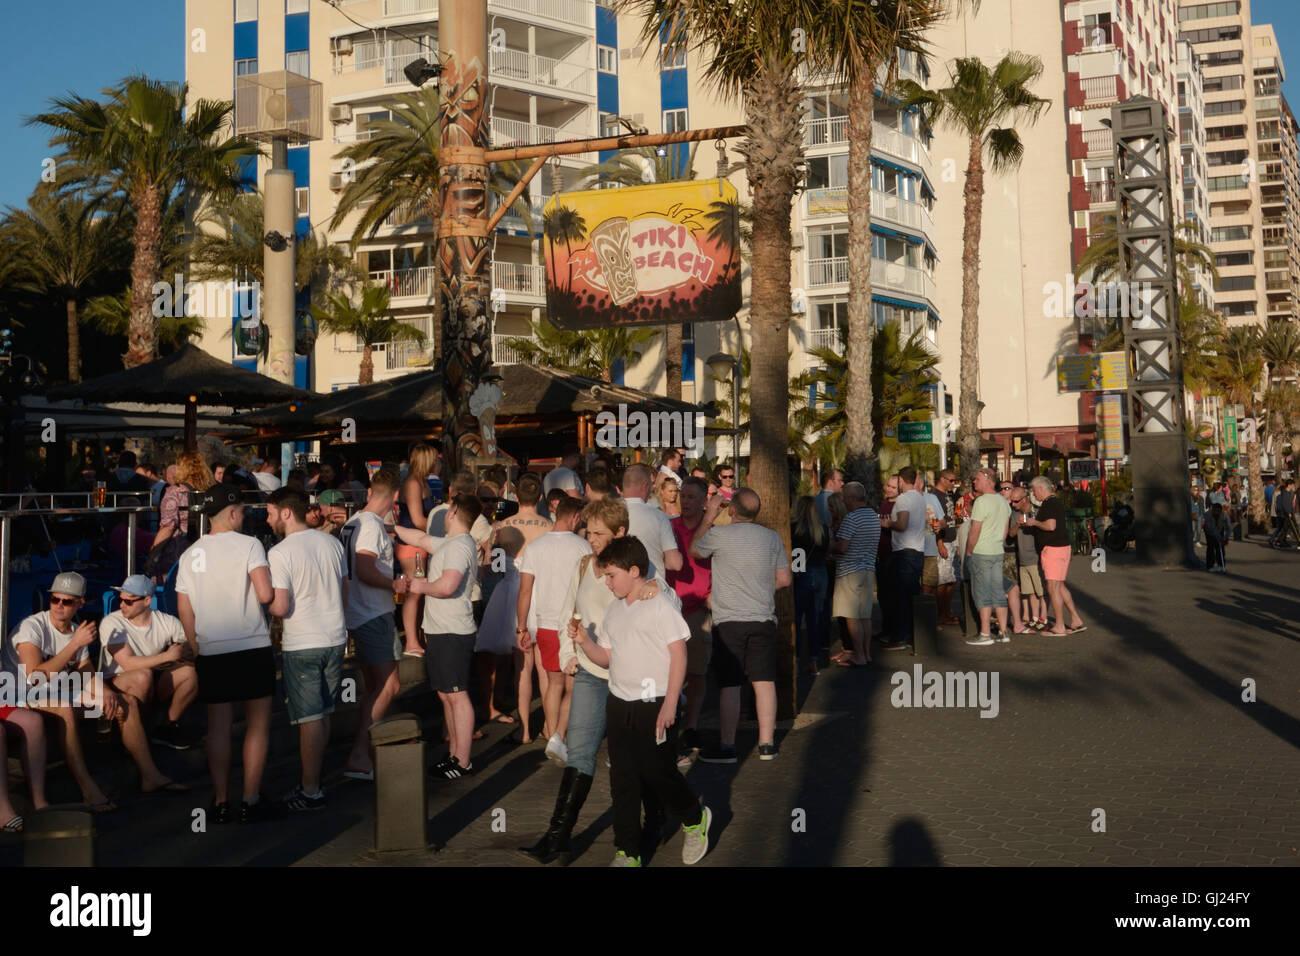 España, Benidorm, turistas jóvenes bebiendo fuera de un bar en la playa de Levante Imagen De Stock